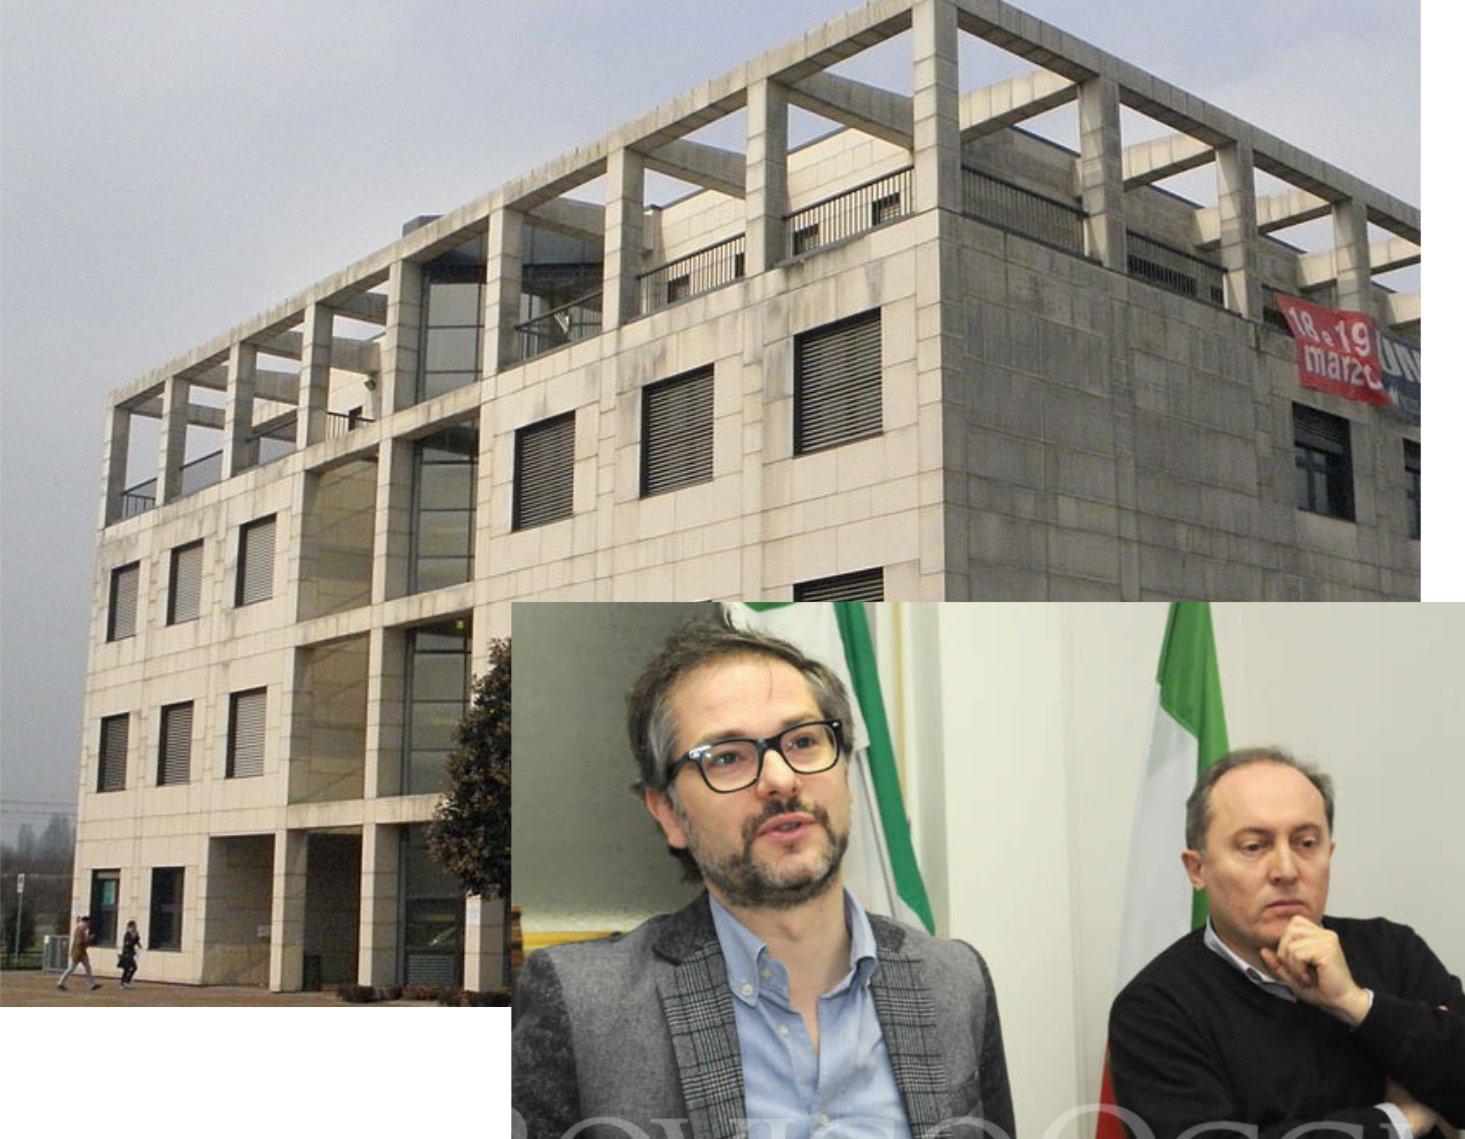 Università a Rovigo vitale e strategica per il Polesine: occorre rivedere lo statuto del Cur, ma ribadiamo l'importanza del ruolo delle istituzioni